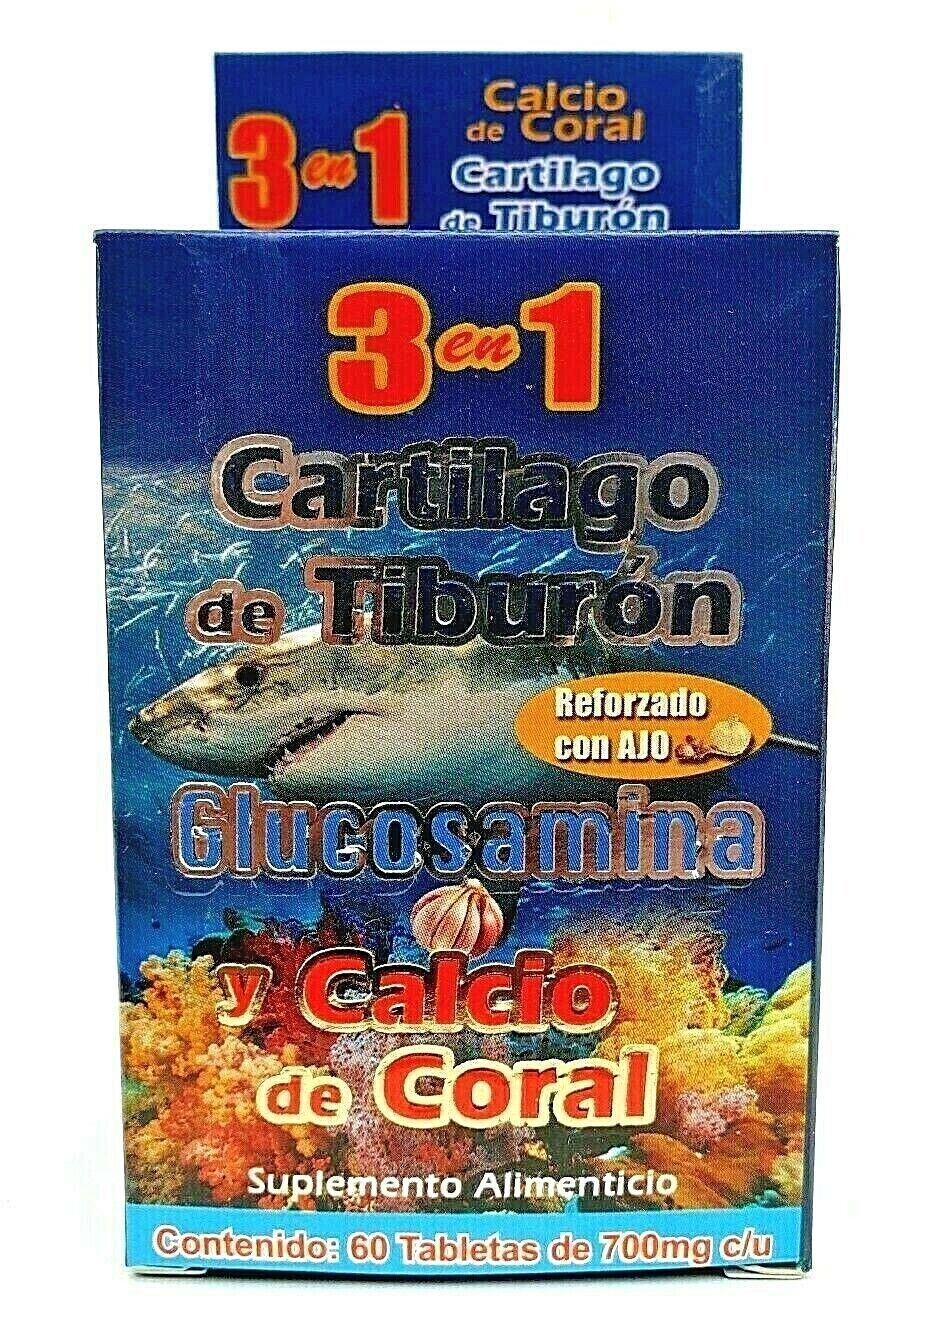 3 en 1 CARTILAGO TIBURON GLUCOSAMINA CALCIO CORAL REFORZADO + AJO FREE SHIPPING 4